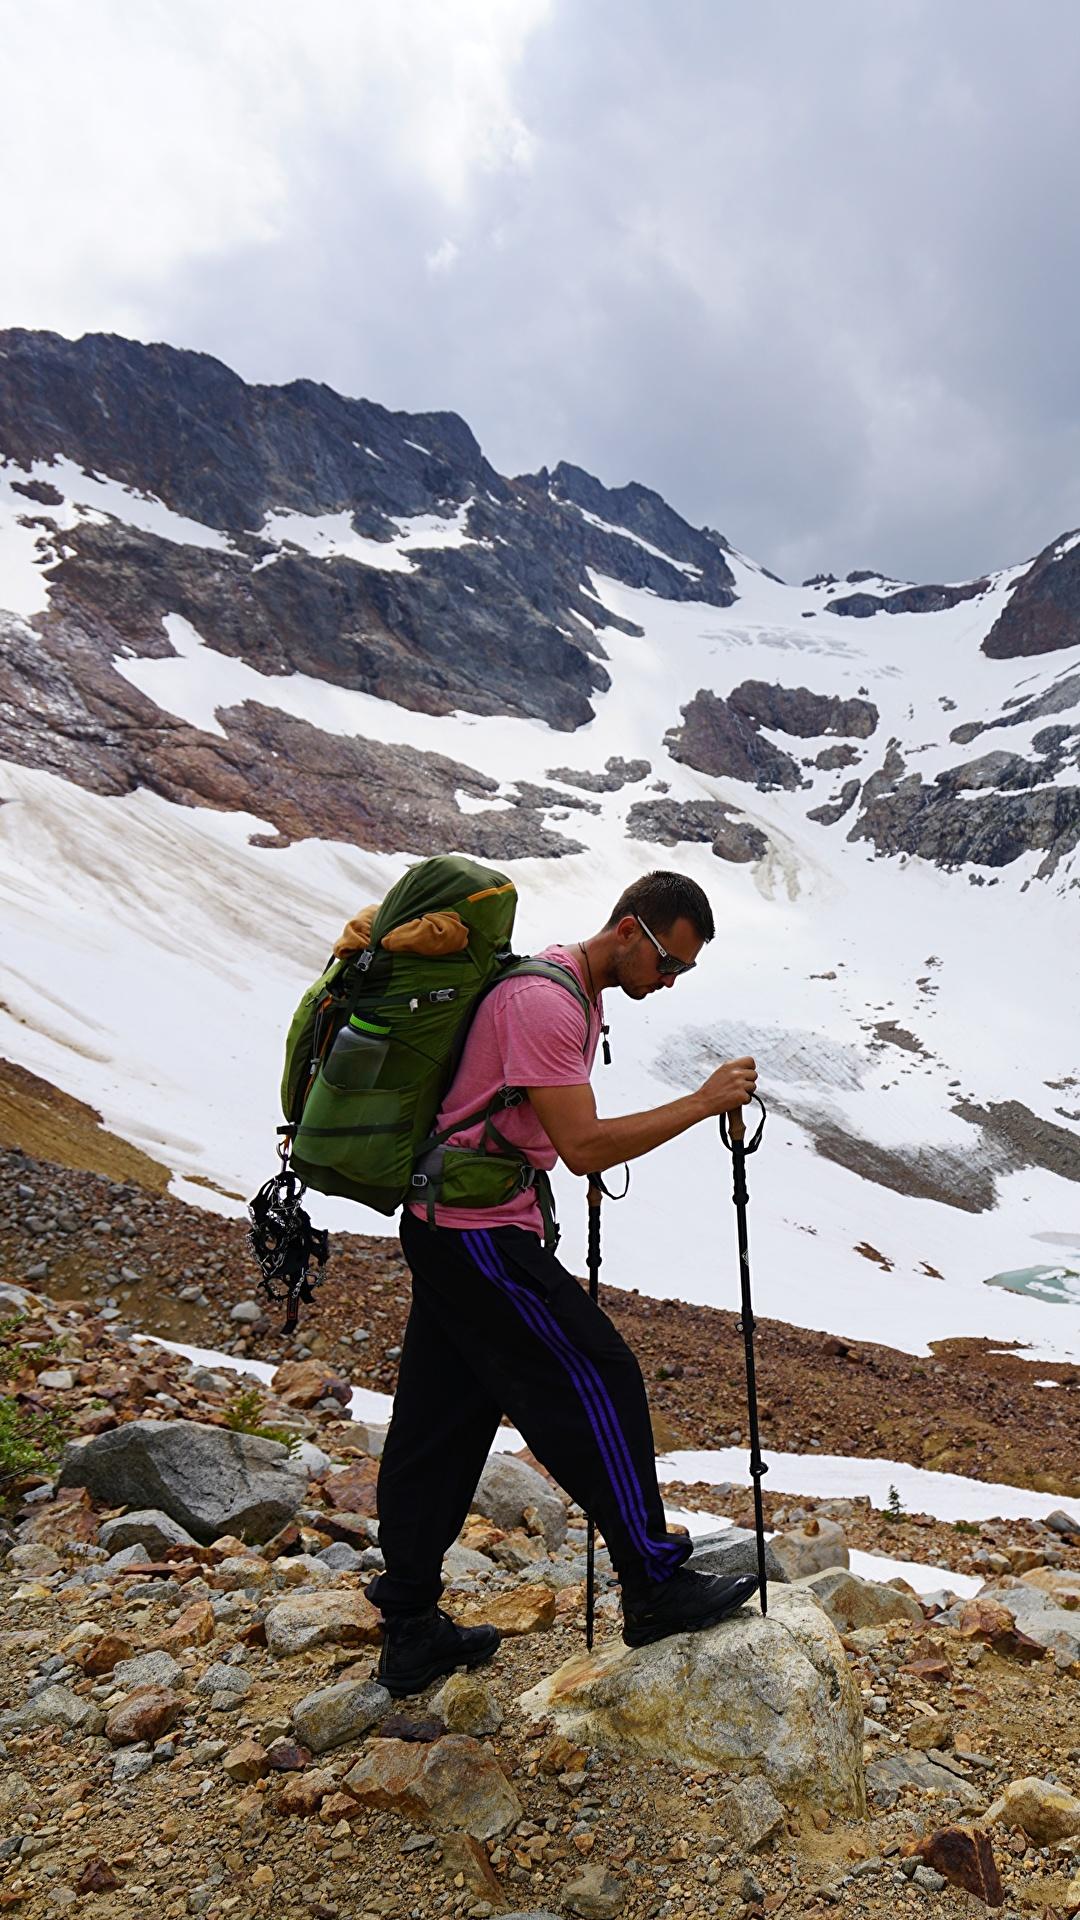 Фото Мужчины Альпинист Рюкзак гора Природа очков 1080x1920 для мобильного телефона мужчина альпинисты Горы Очки очках